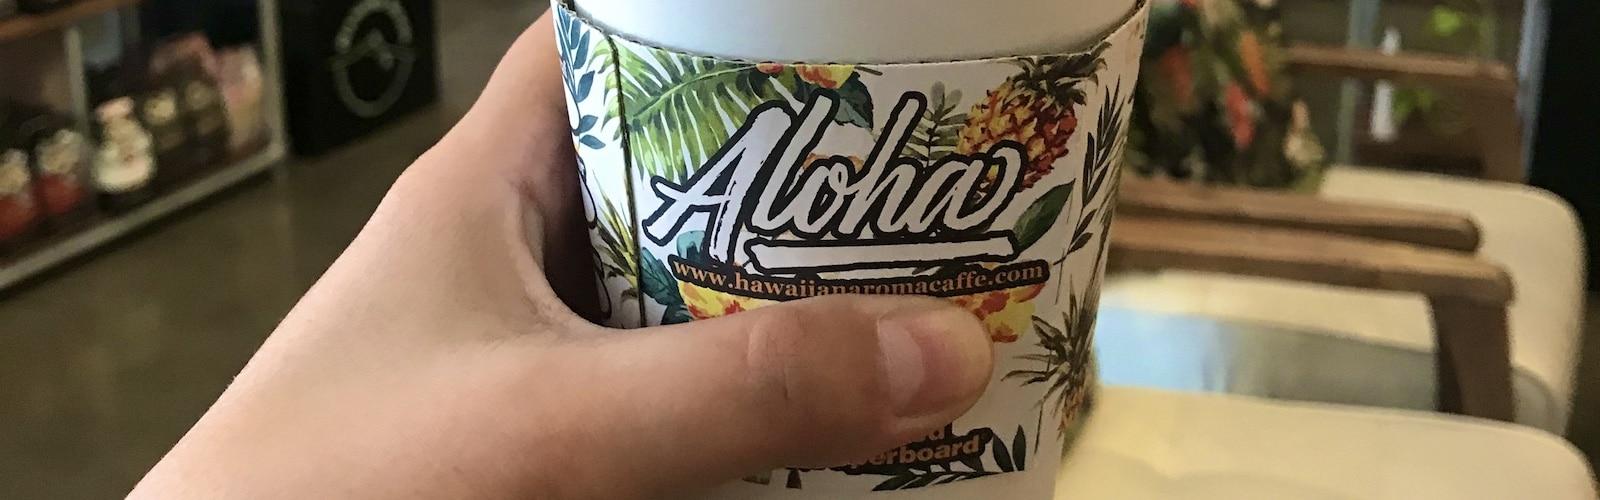 Best Coffee in Waikiki, Hawaiian Aroma Caffe